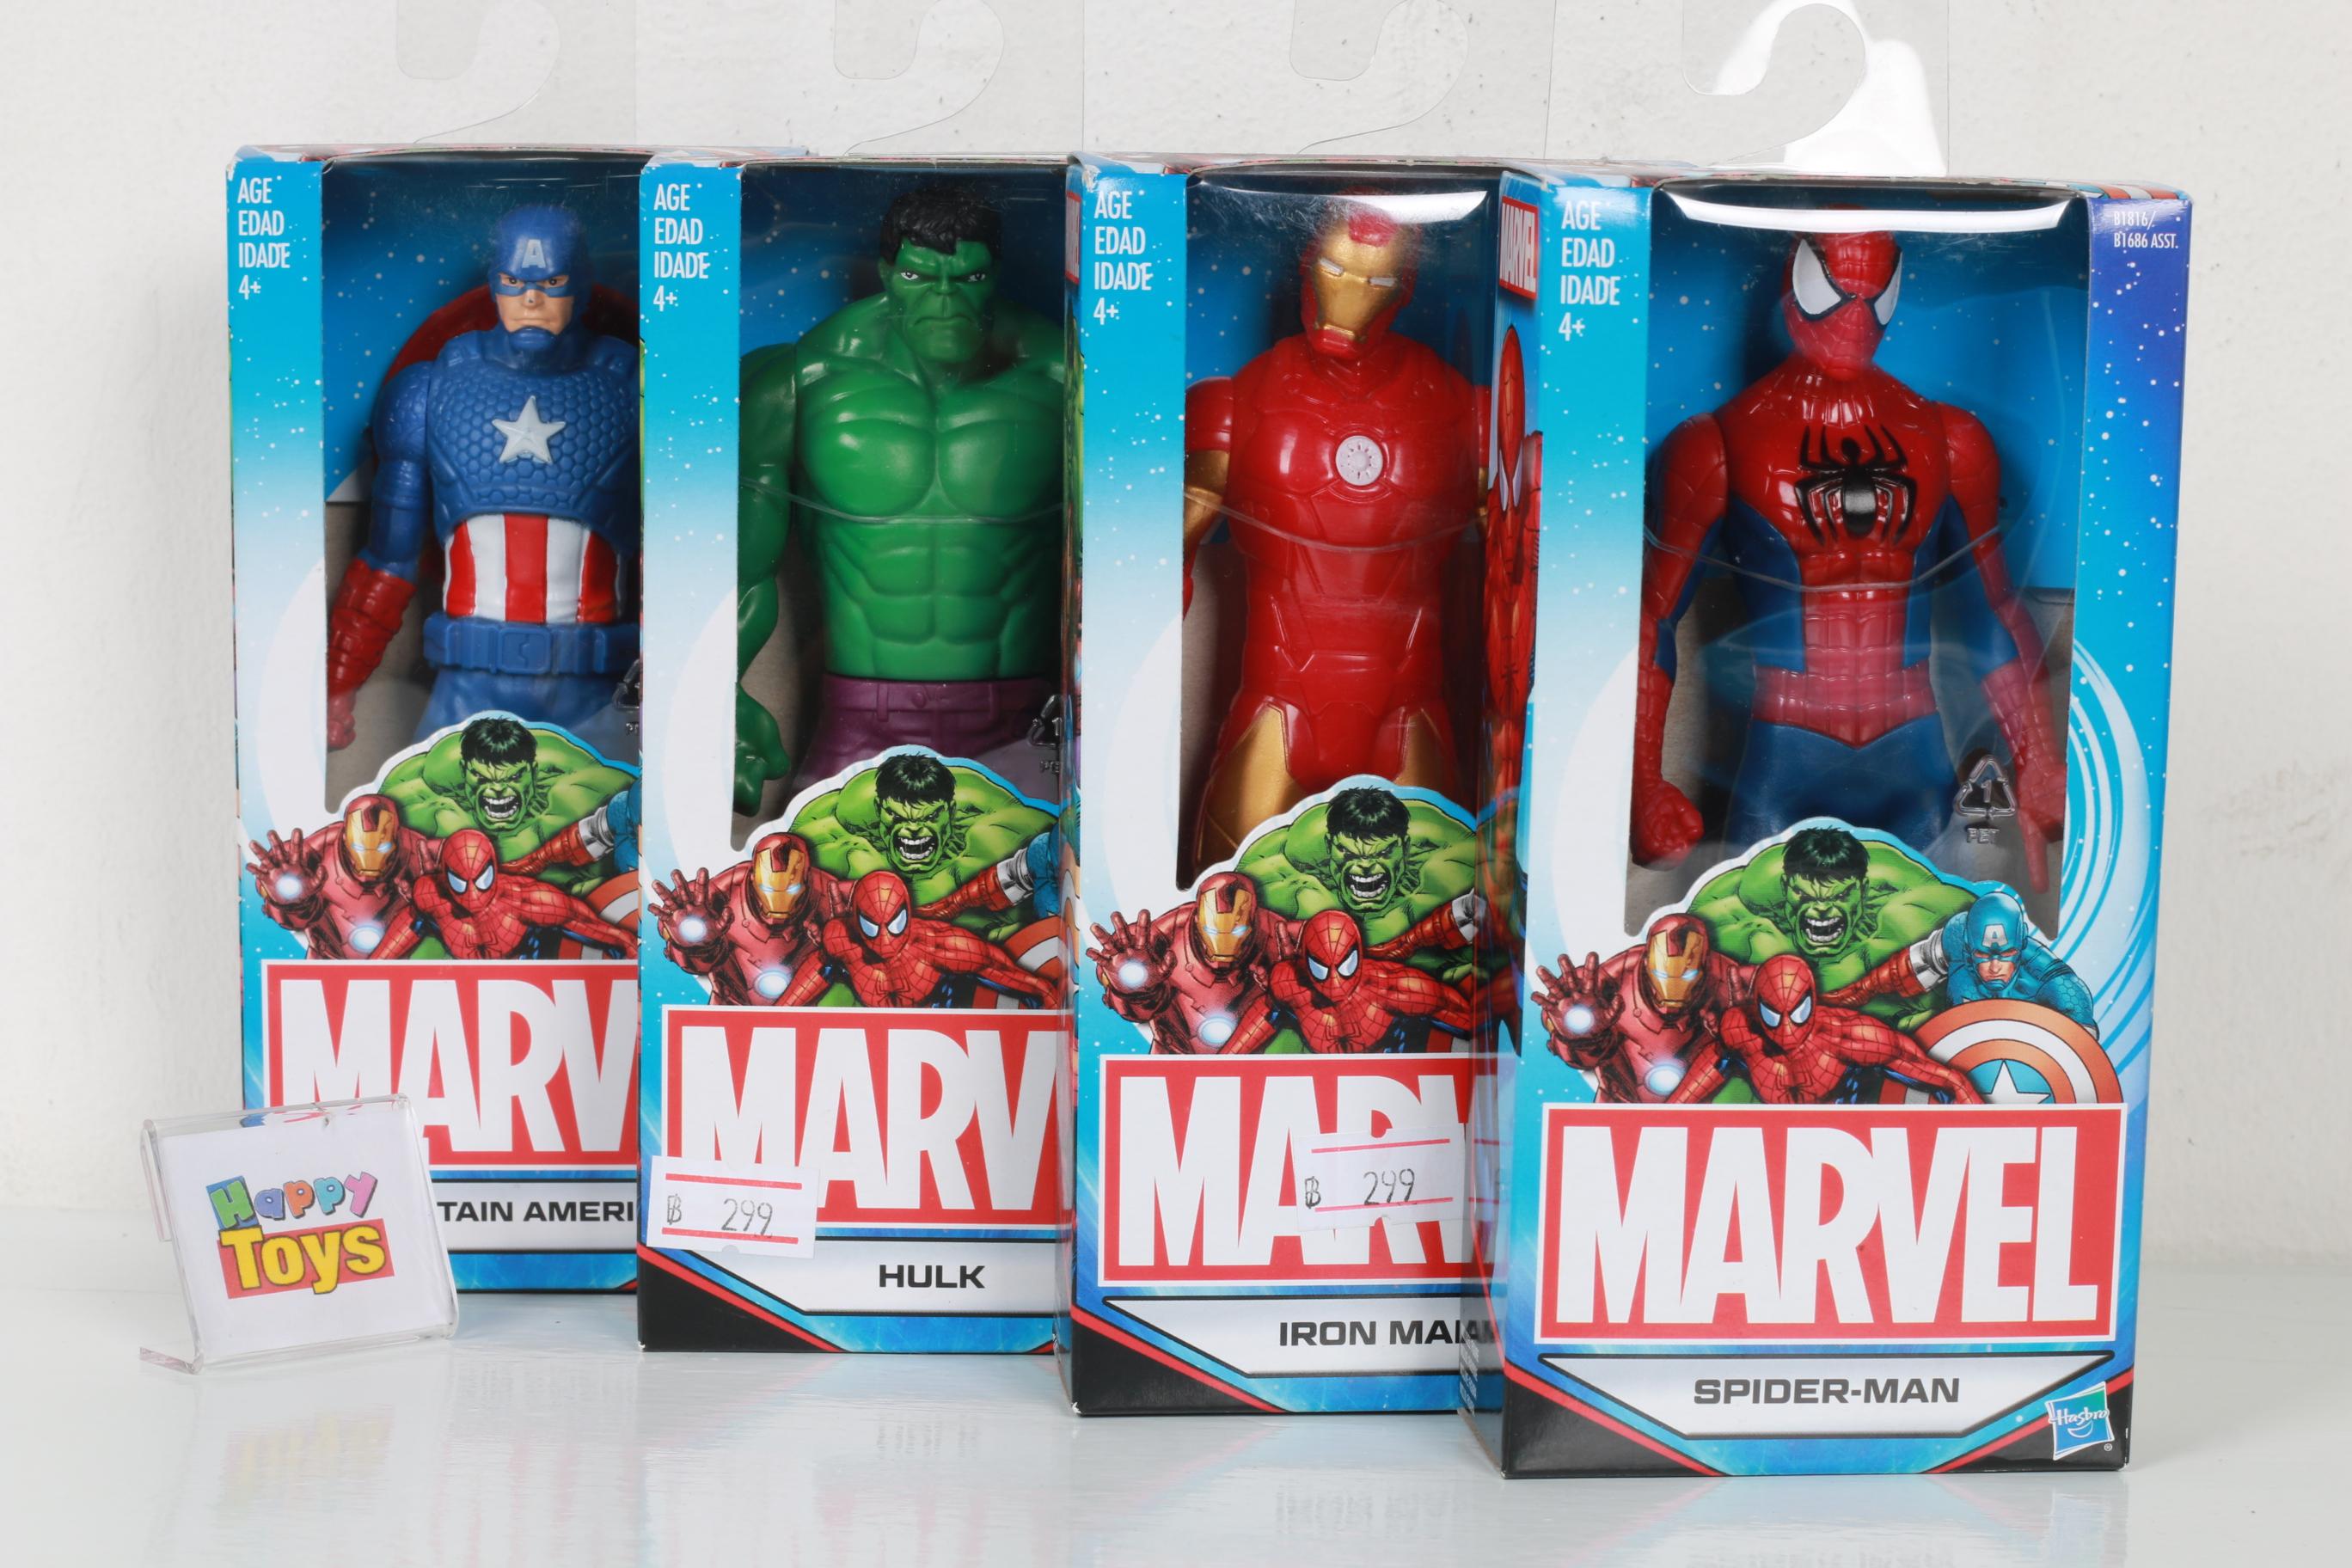 โมเดลฮีโร่ Marvel ลิขสิทธิ์แท้จาก Hasbro